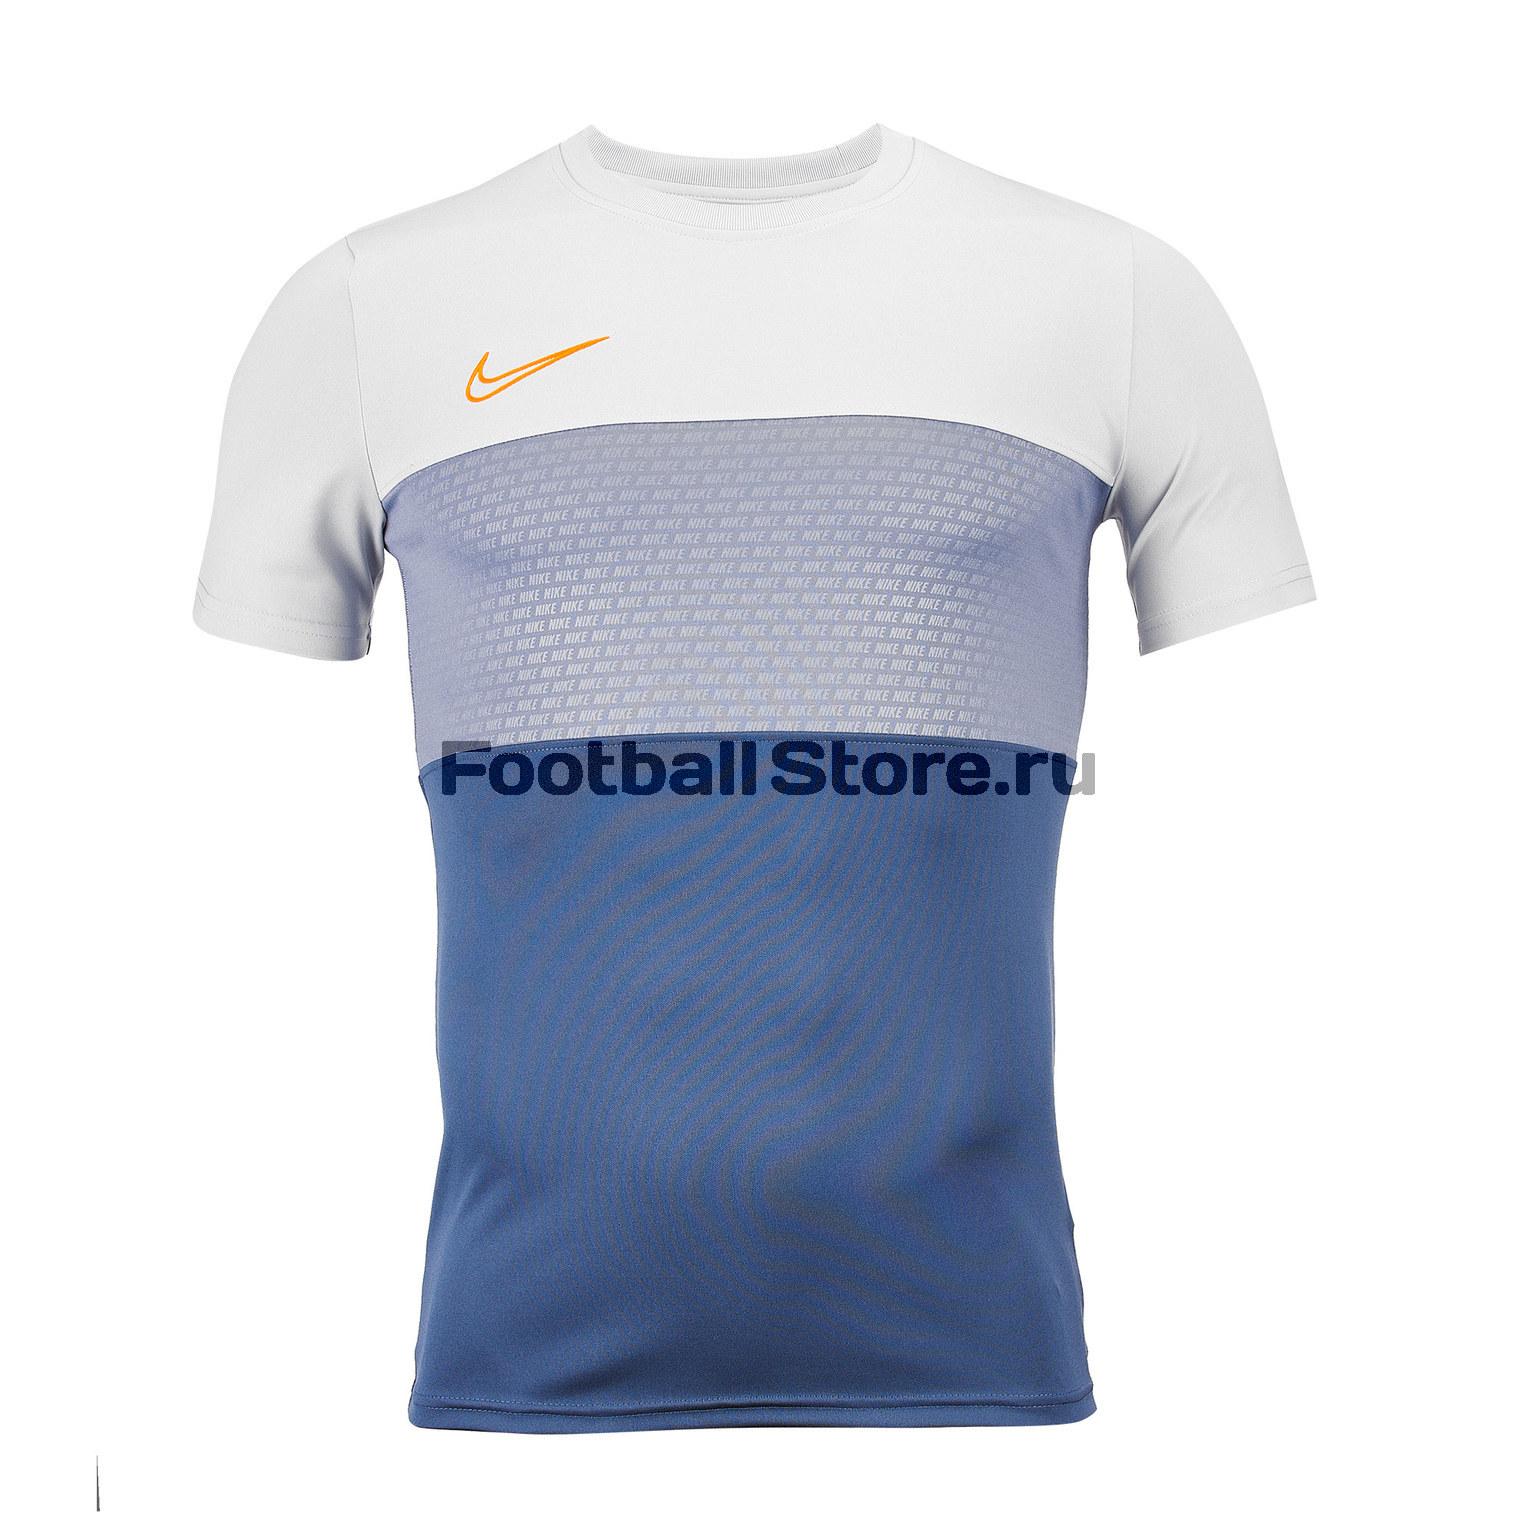 Футболка тренировочная Nike Dry Academy Top SS GX AJ9998-012 цена